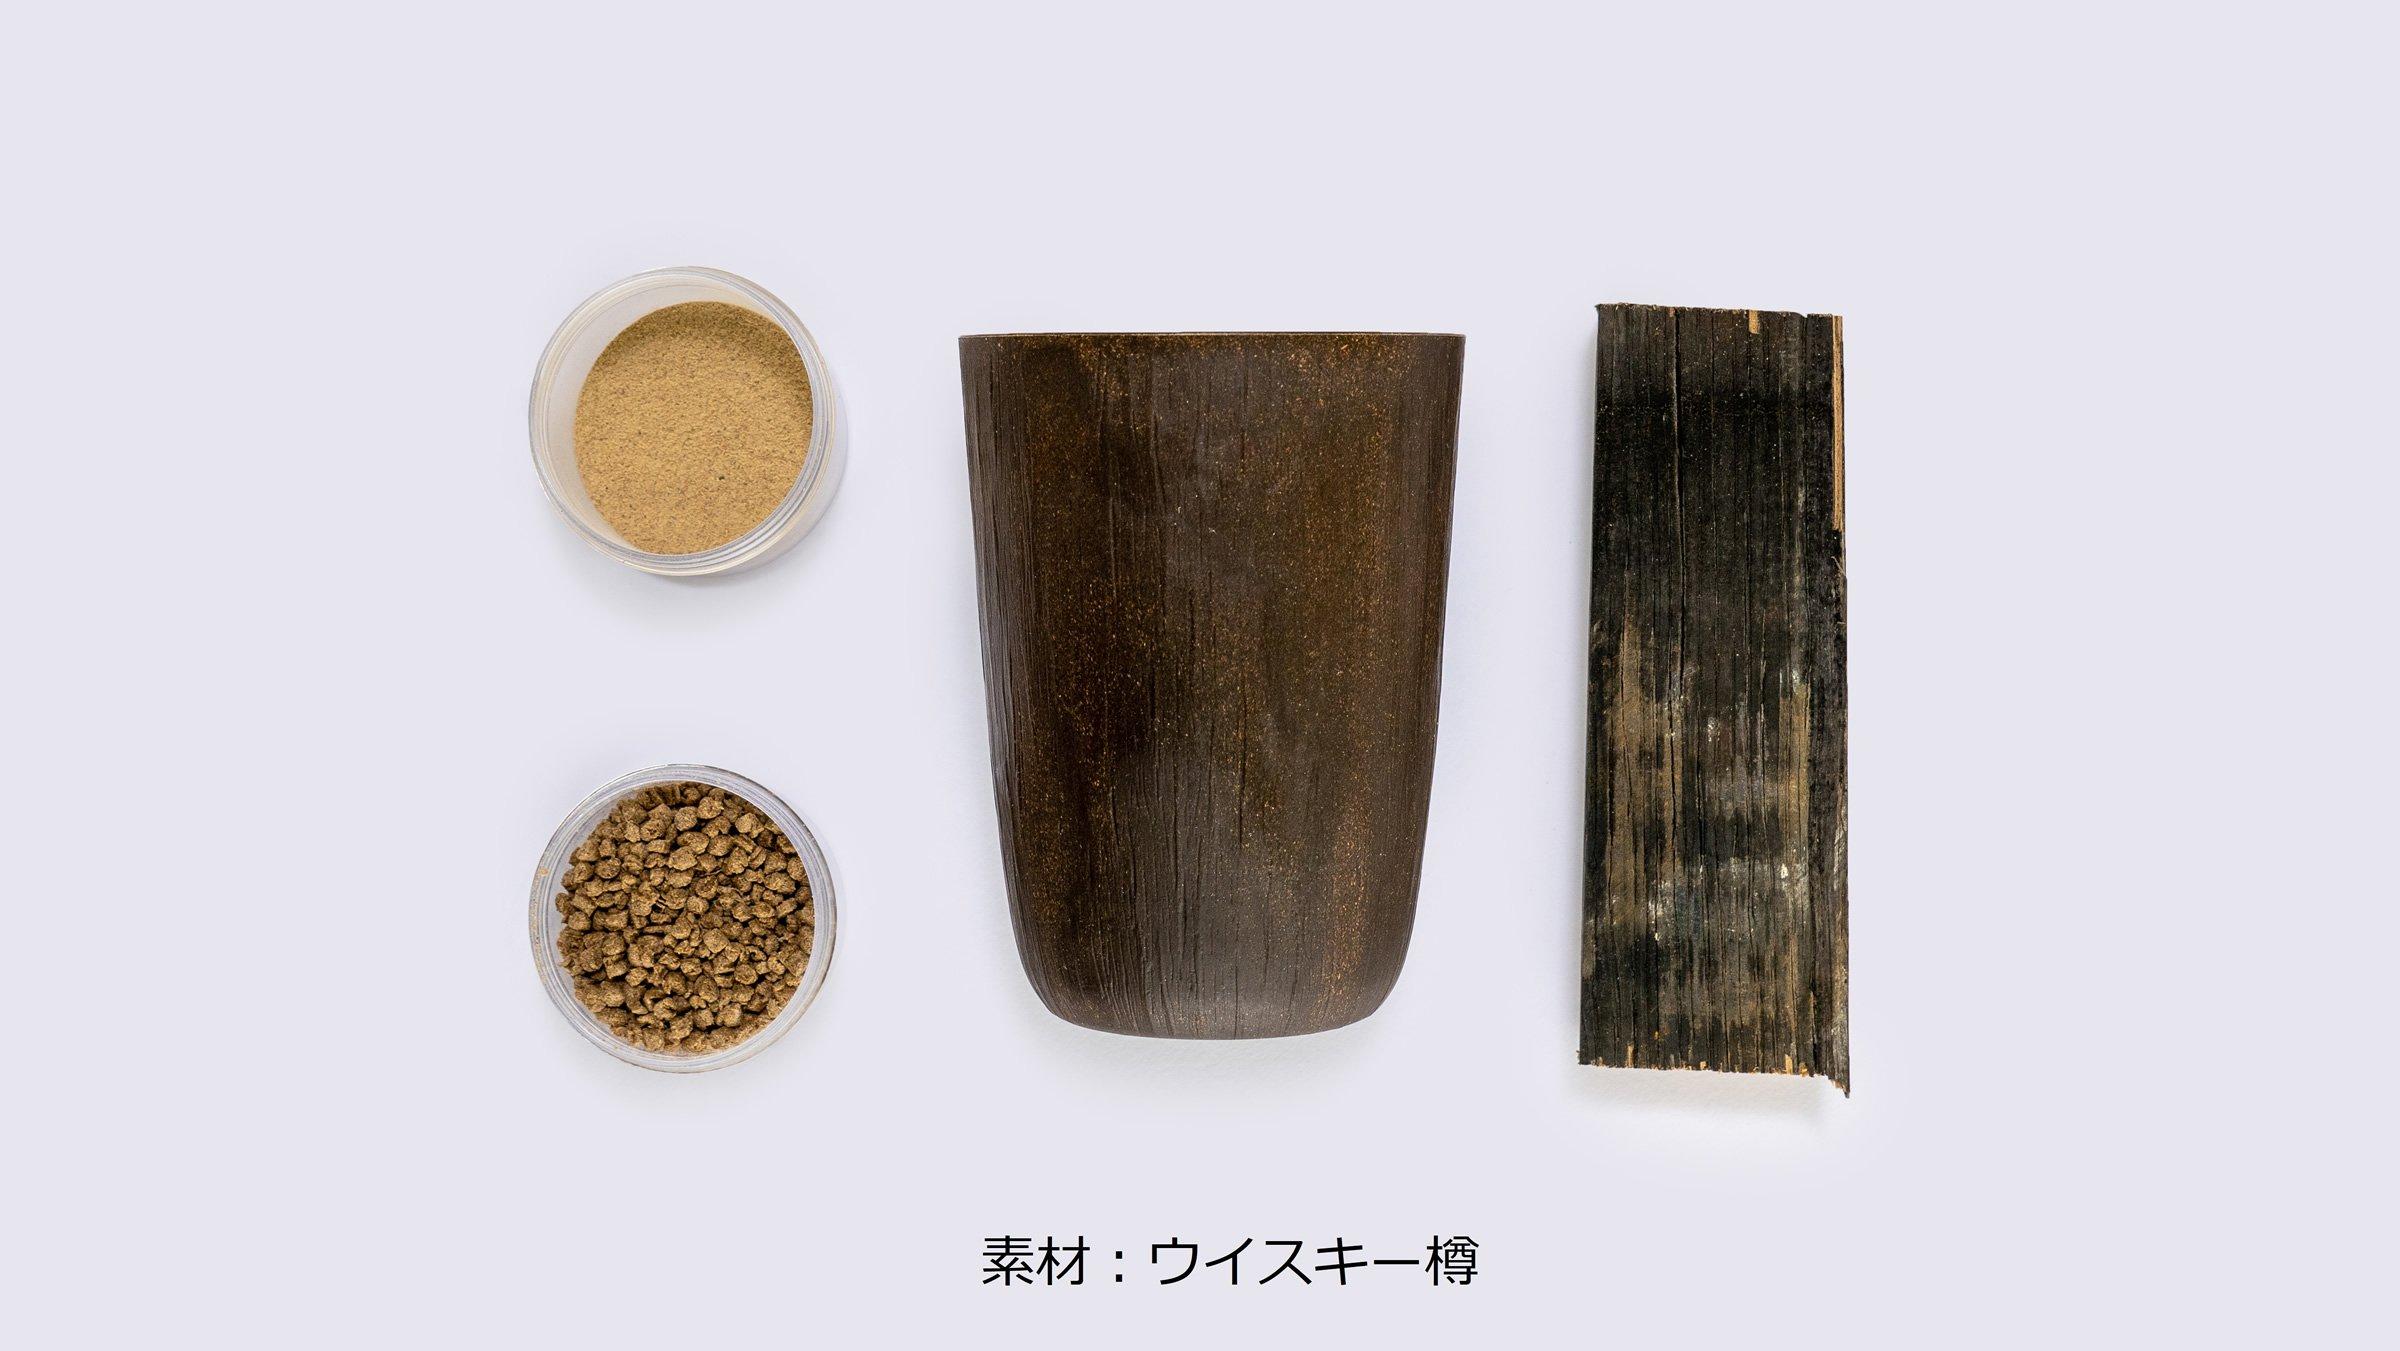 写真:セルロースファイバーを採用したリユースカップ(素材:ウイスキー樽)